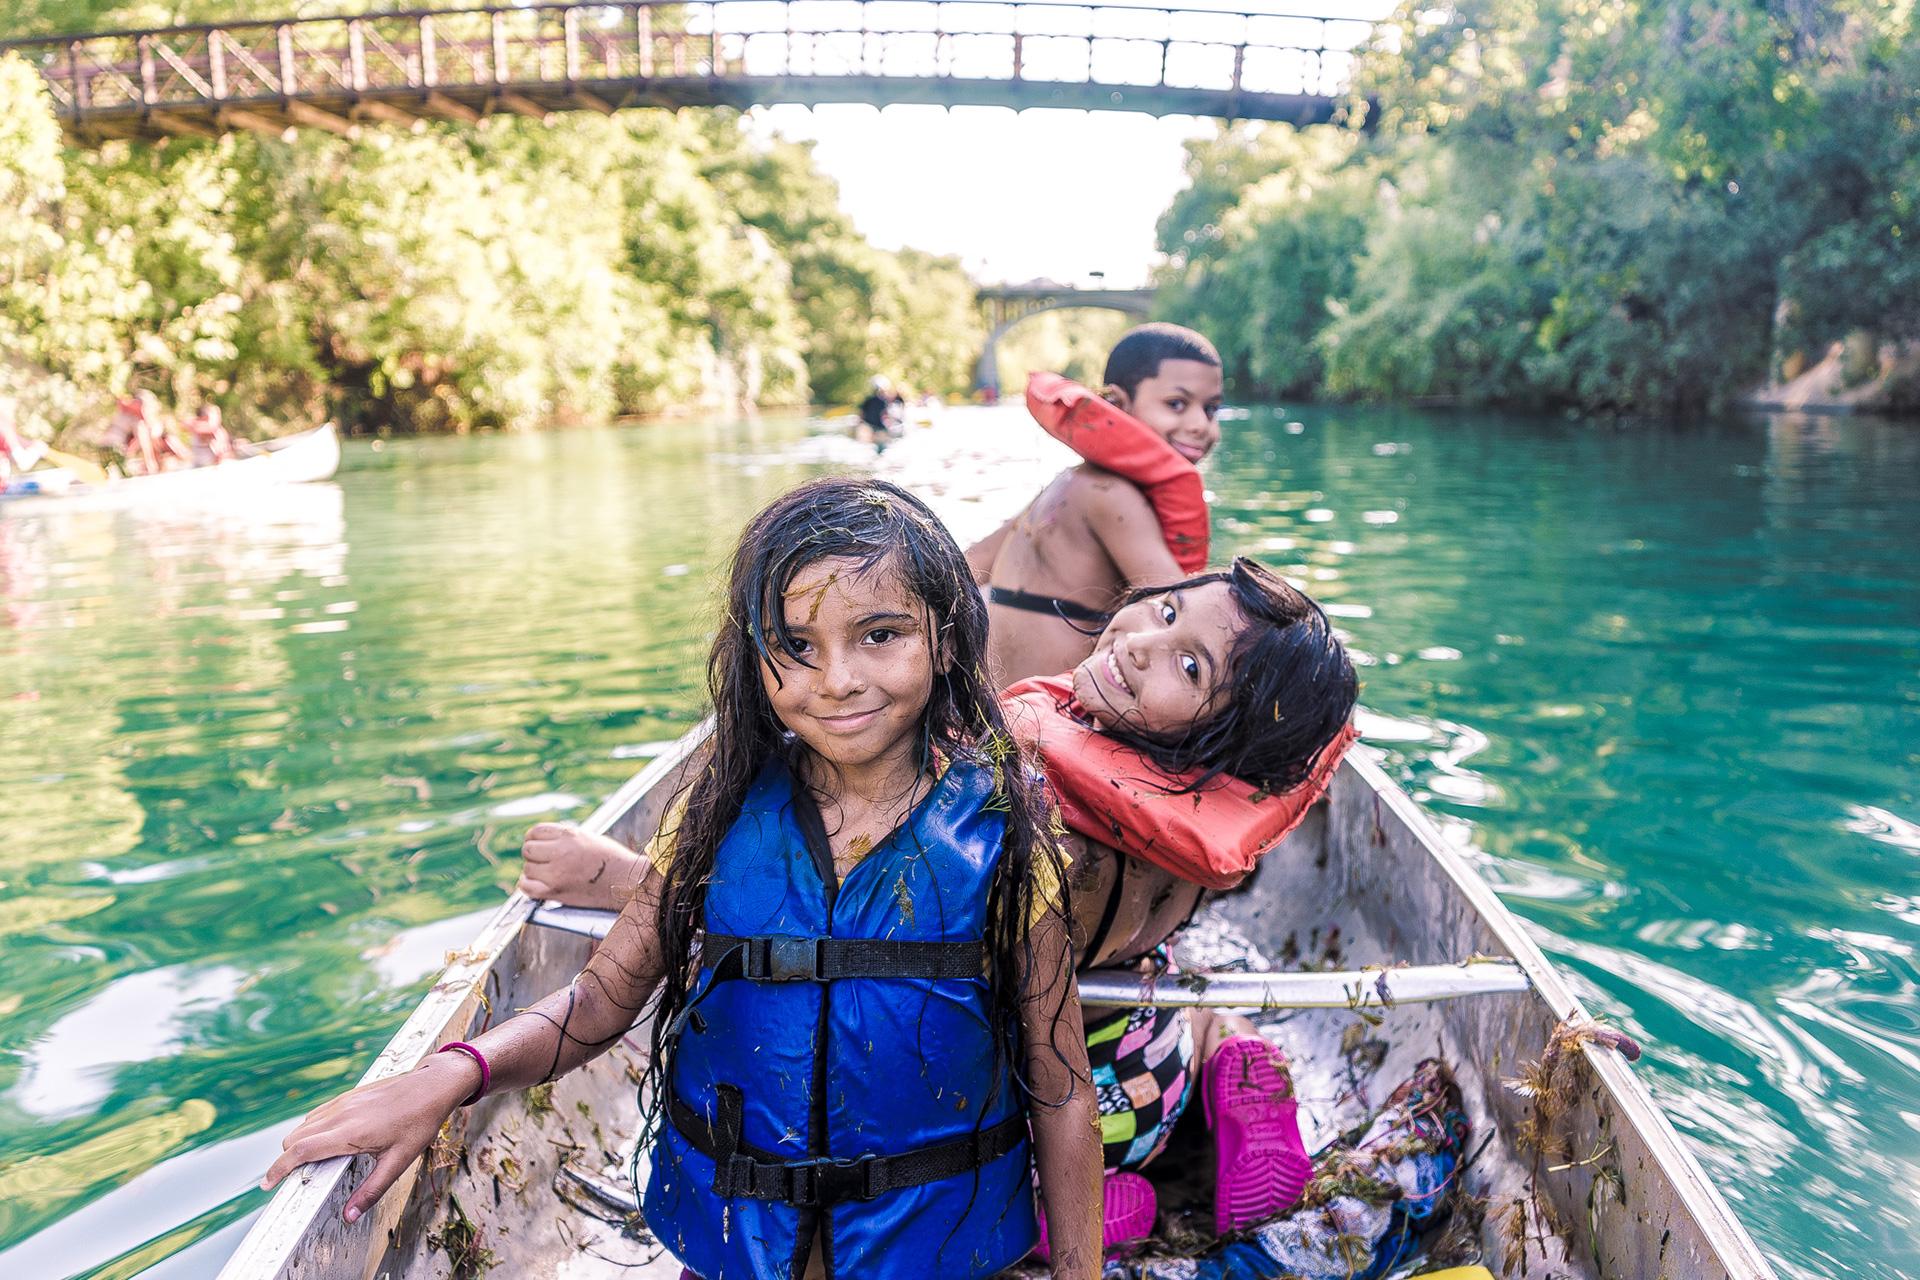 Austin Sunshine Camps Canoe Night on Lady Bird Lake